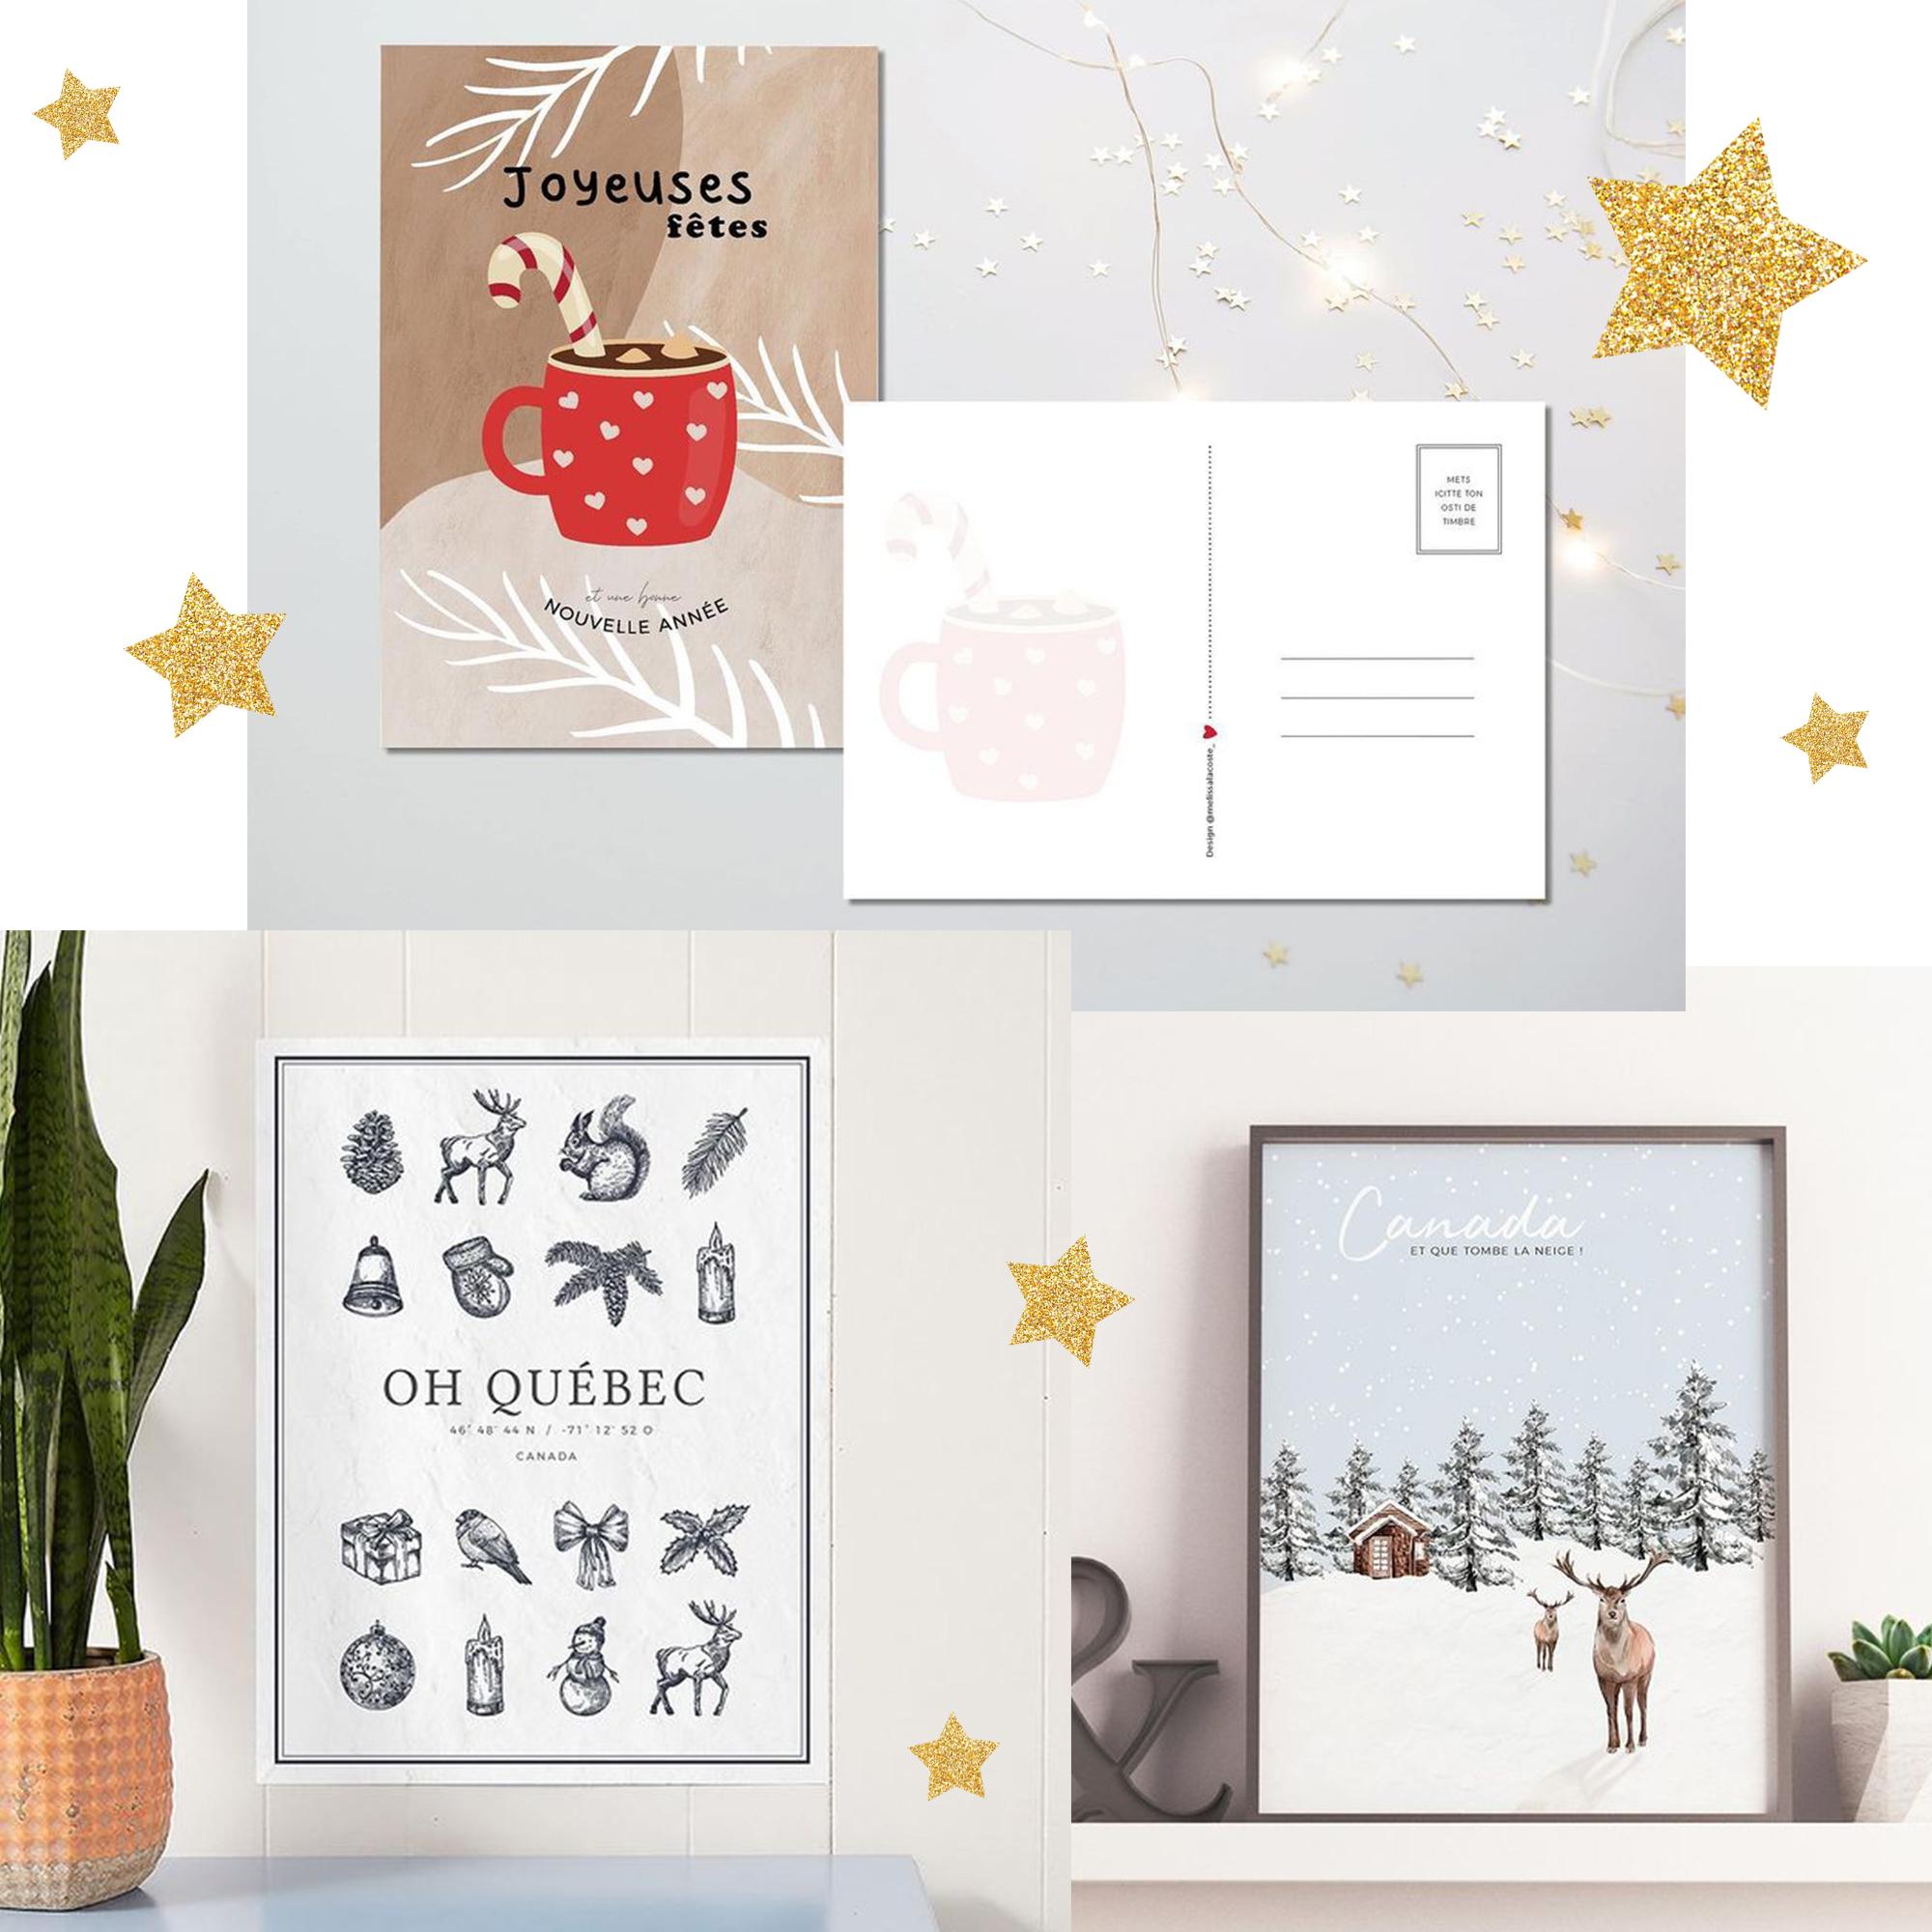 idée cadeau affiche carte postale